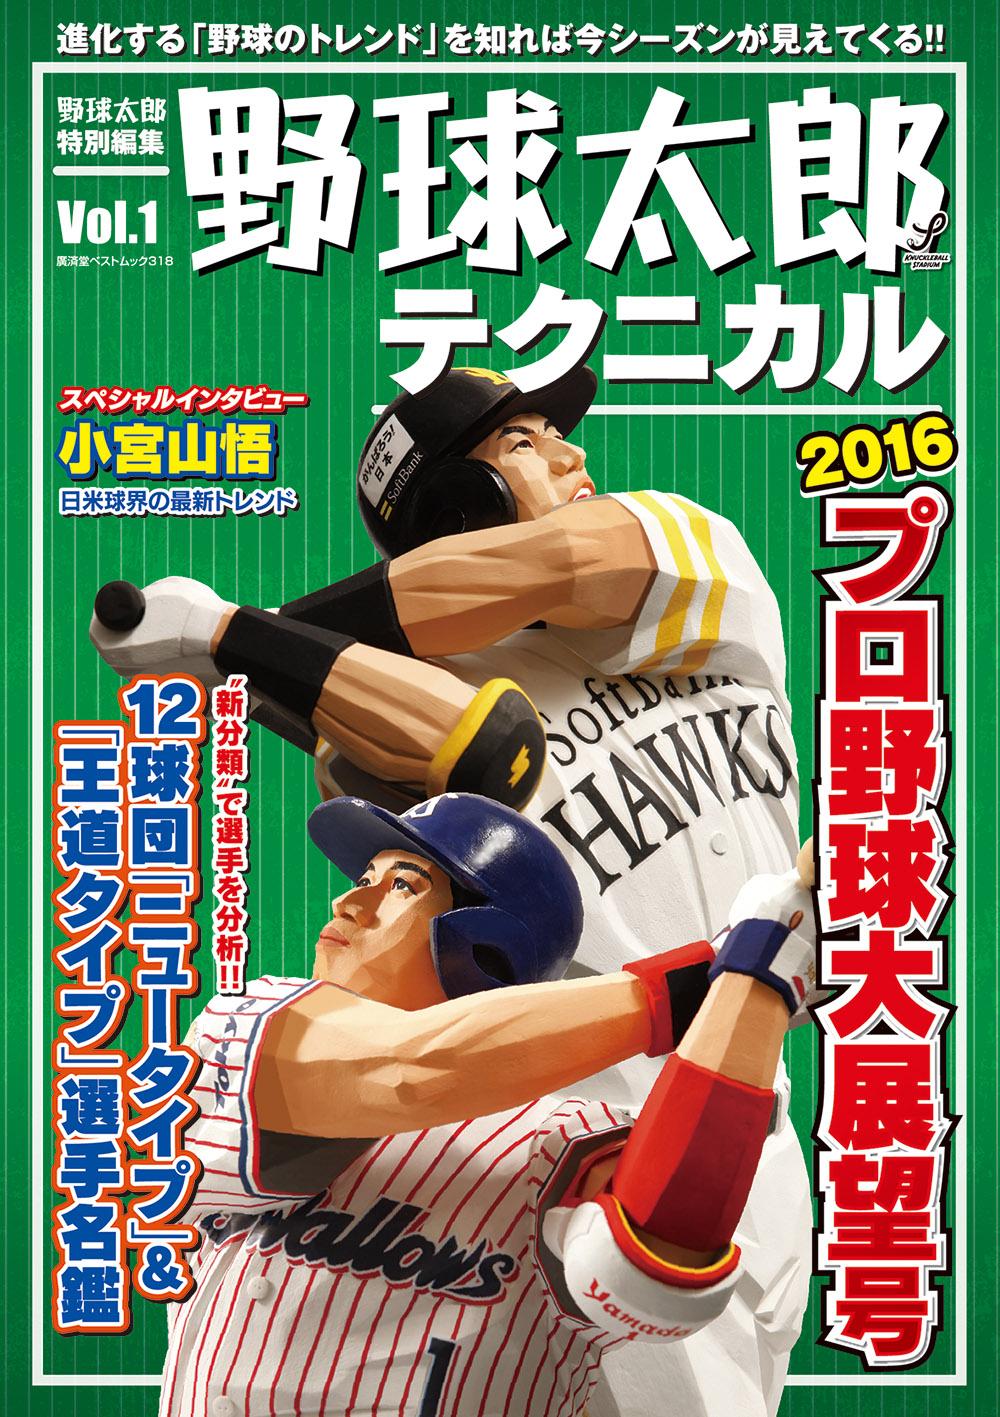 『野球太郎テクニカルVol.1[2016プロ野球大展望号]』は1月30日発売!!